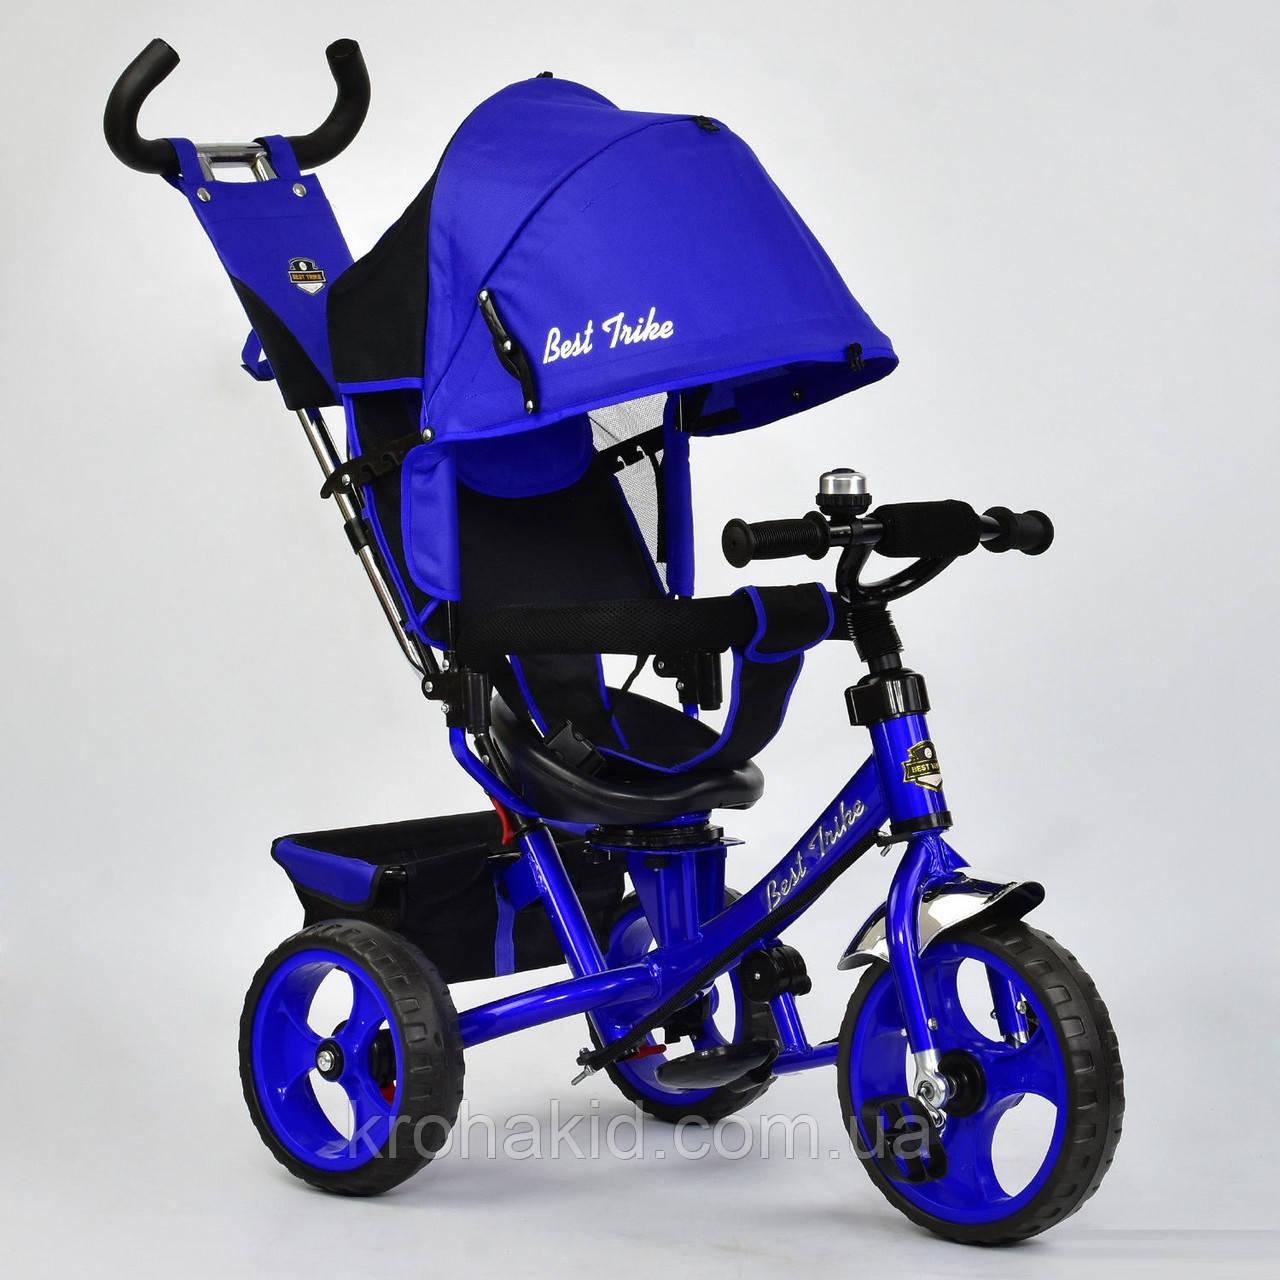 Велосипед трехколесный 5700 - 4560 СИНИЙ ПОВОРОТНОЕ СИДЕНЬЕ, КОЛЕСА EVA (ПЕНА)